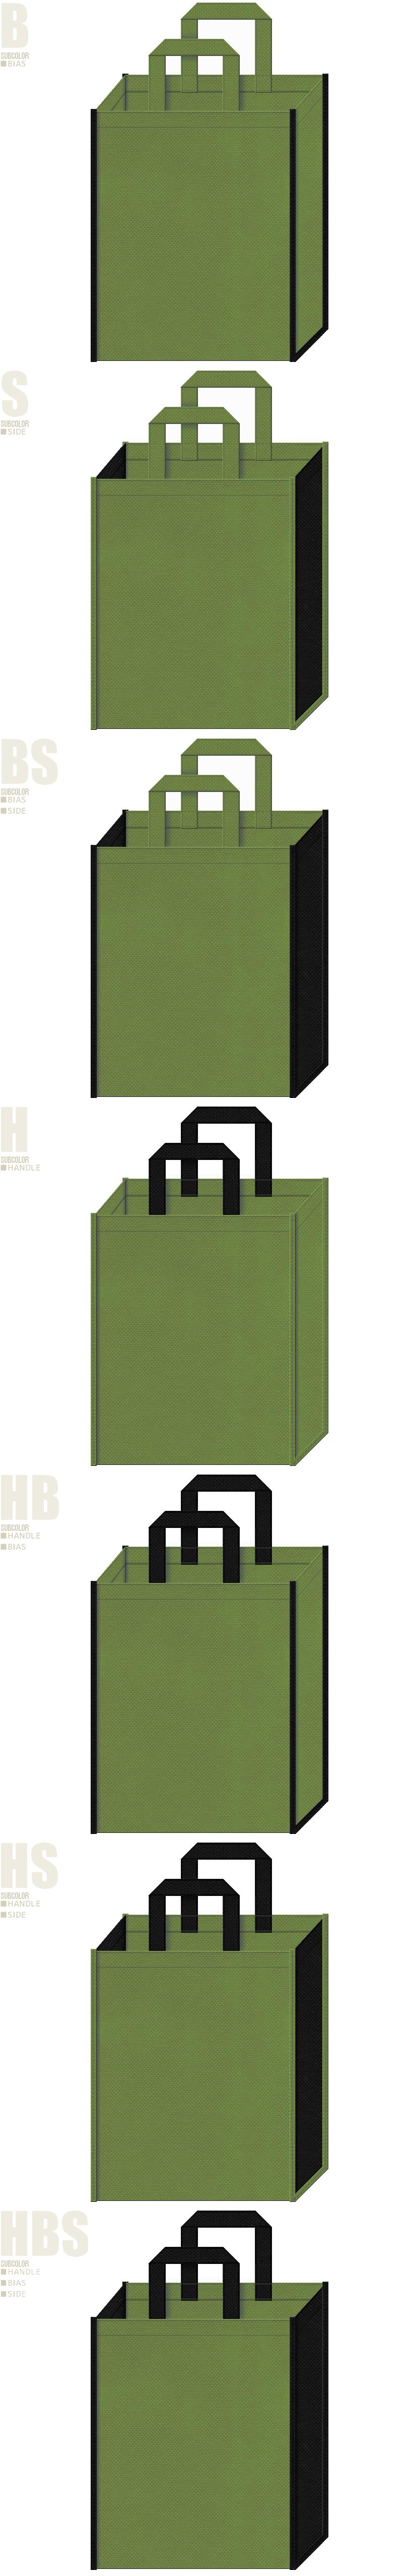 瓦・武道・剣道・書道・和風催事・お城イベントにお奨めの不織布バッグデザイン:草色と黒色の配色7パターン